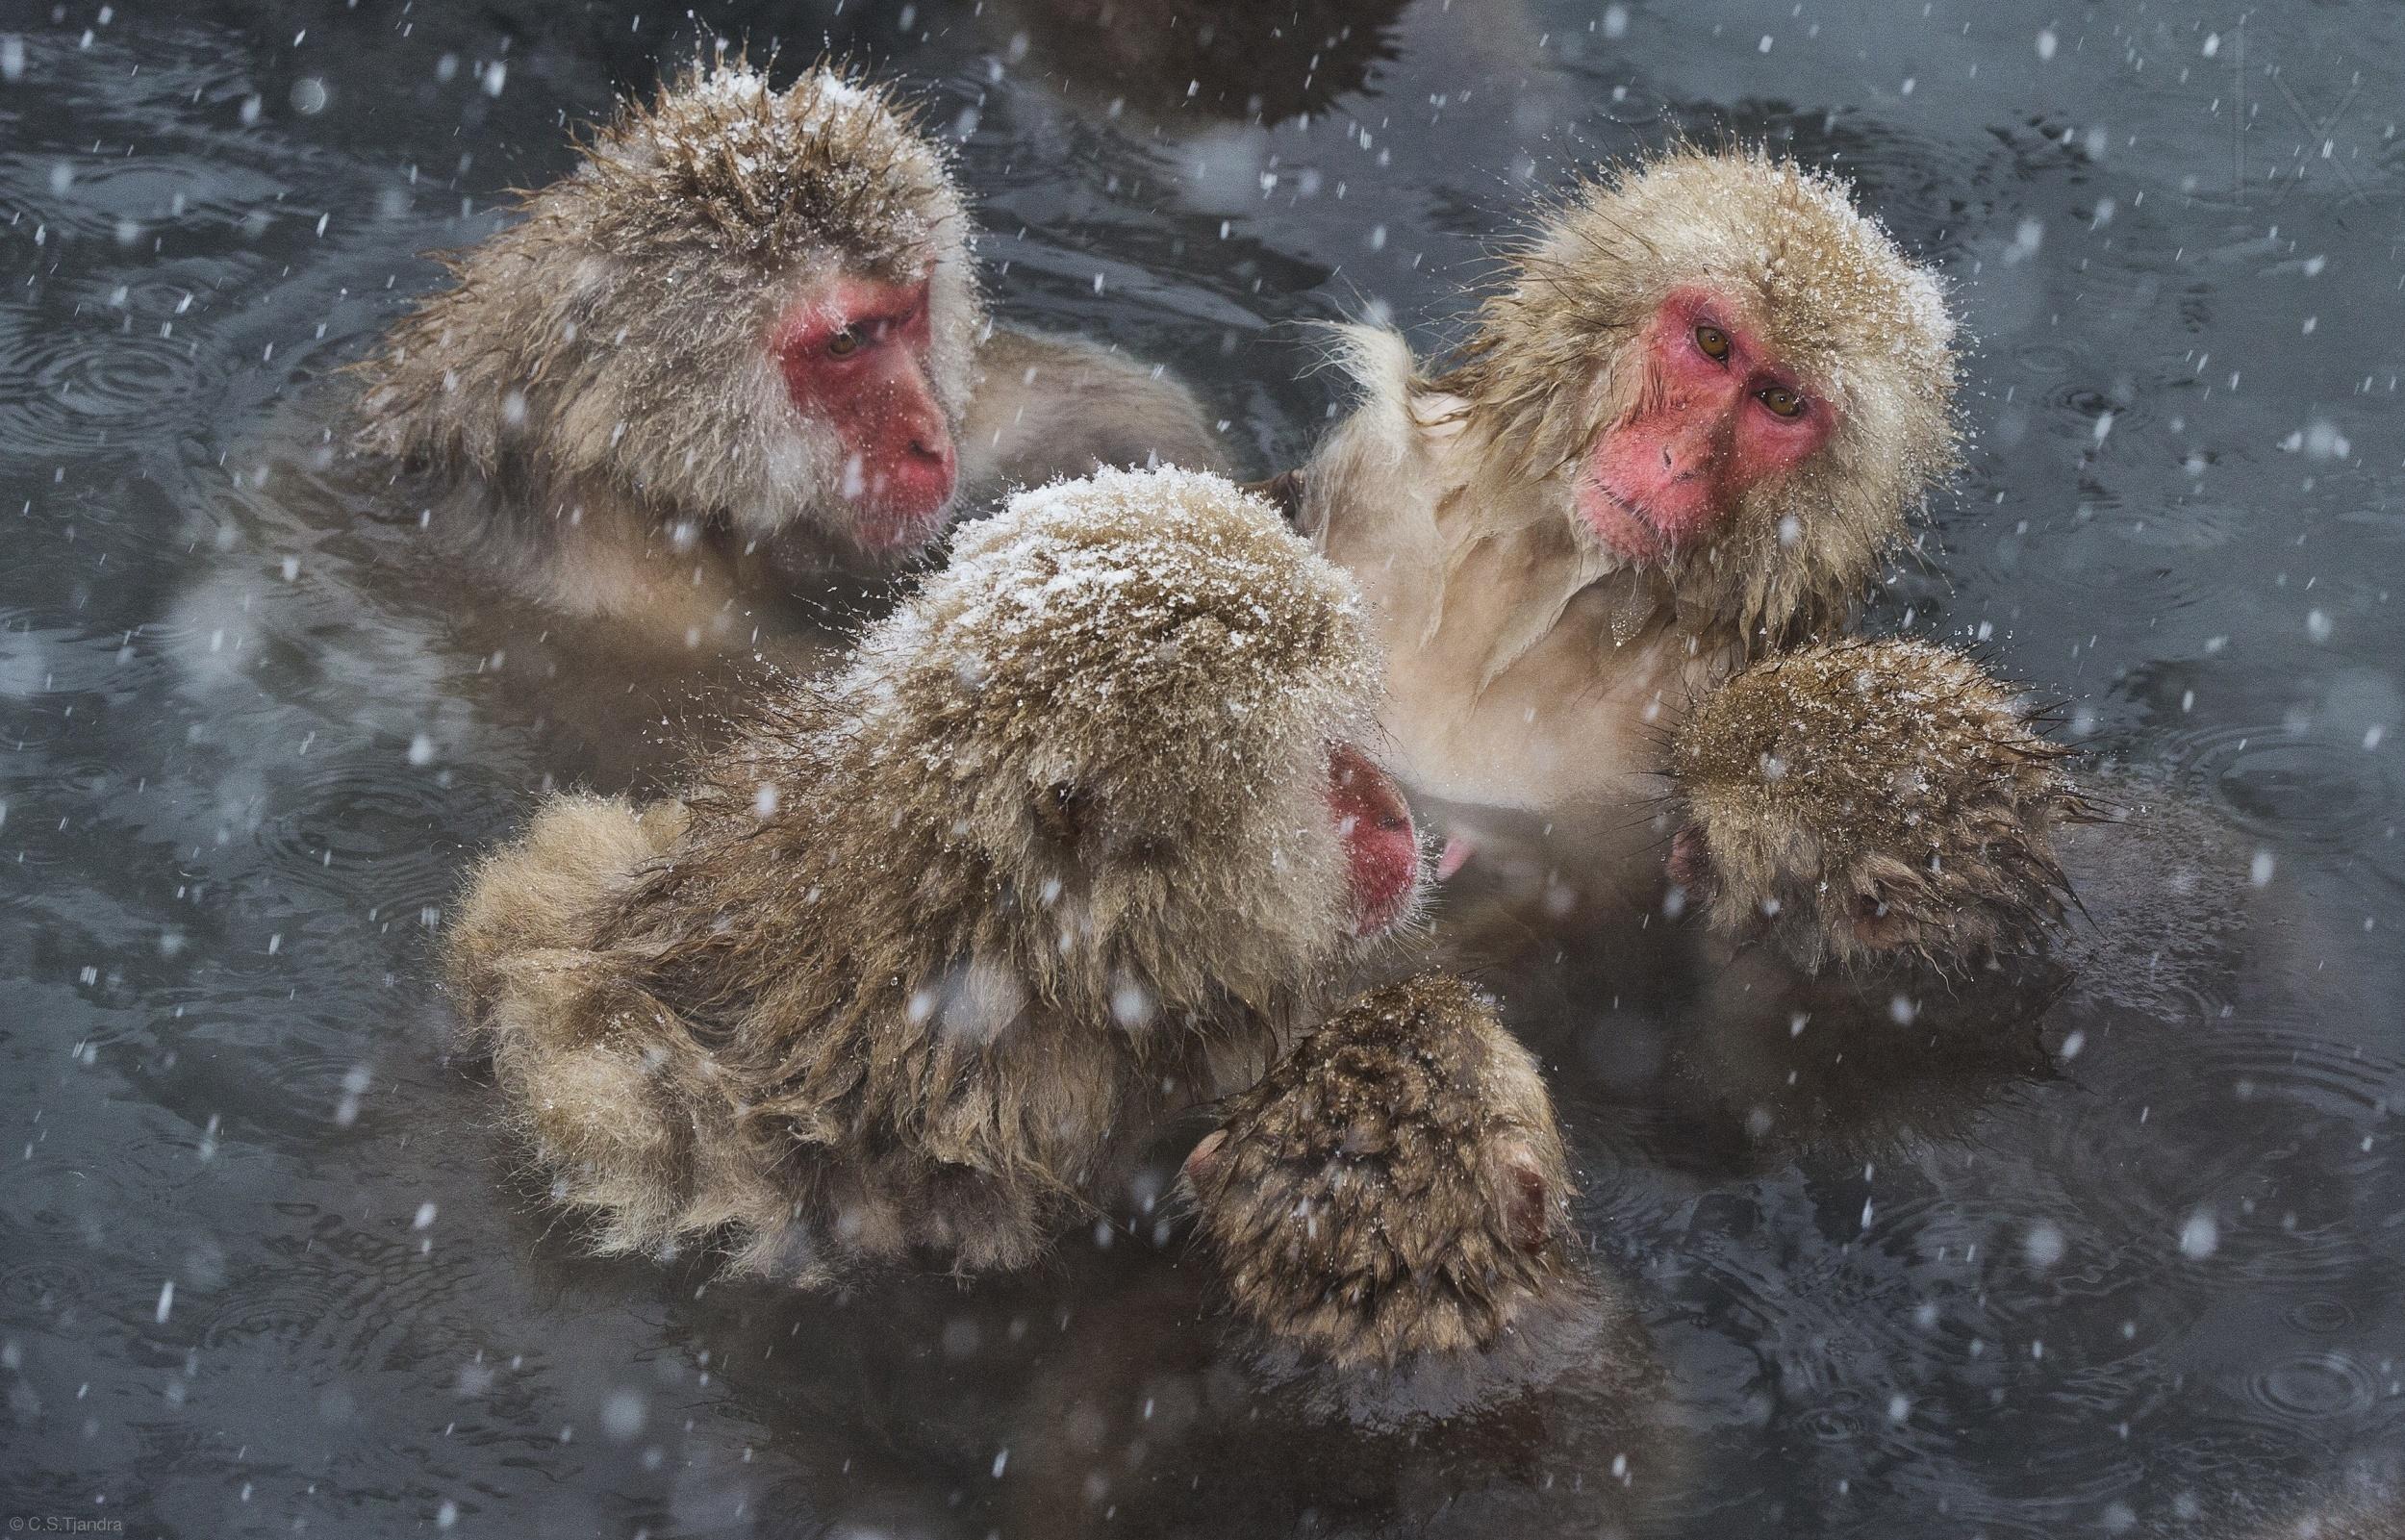 猴子泡温泉抓头发gif分享展示图片